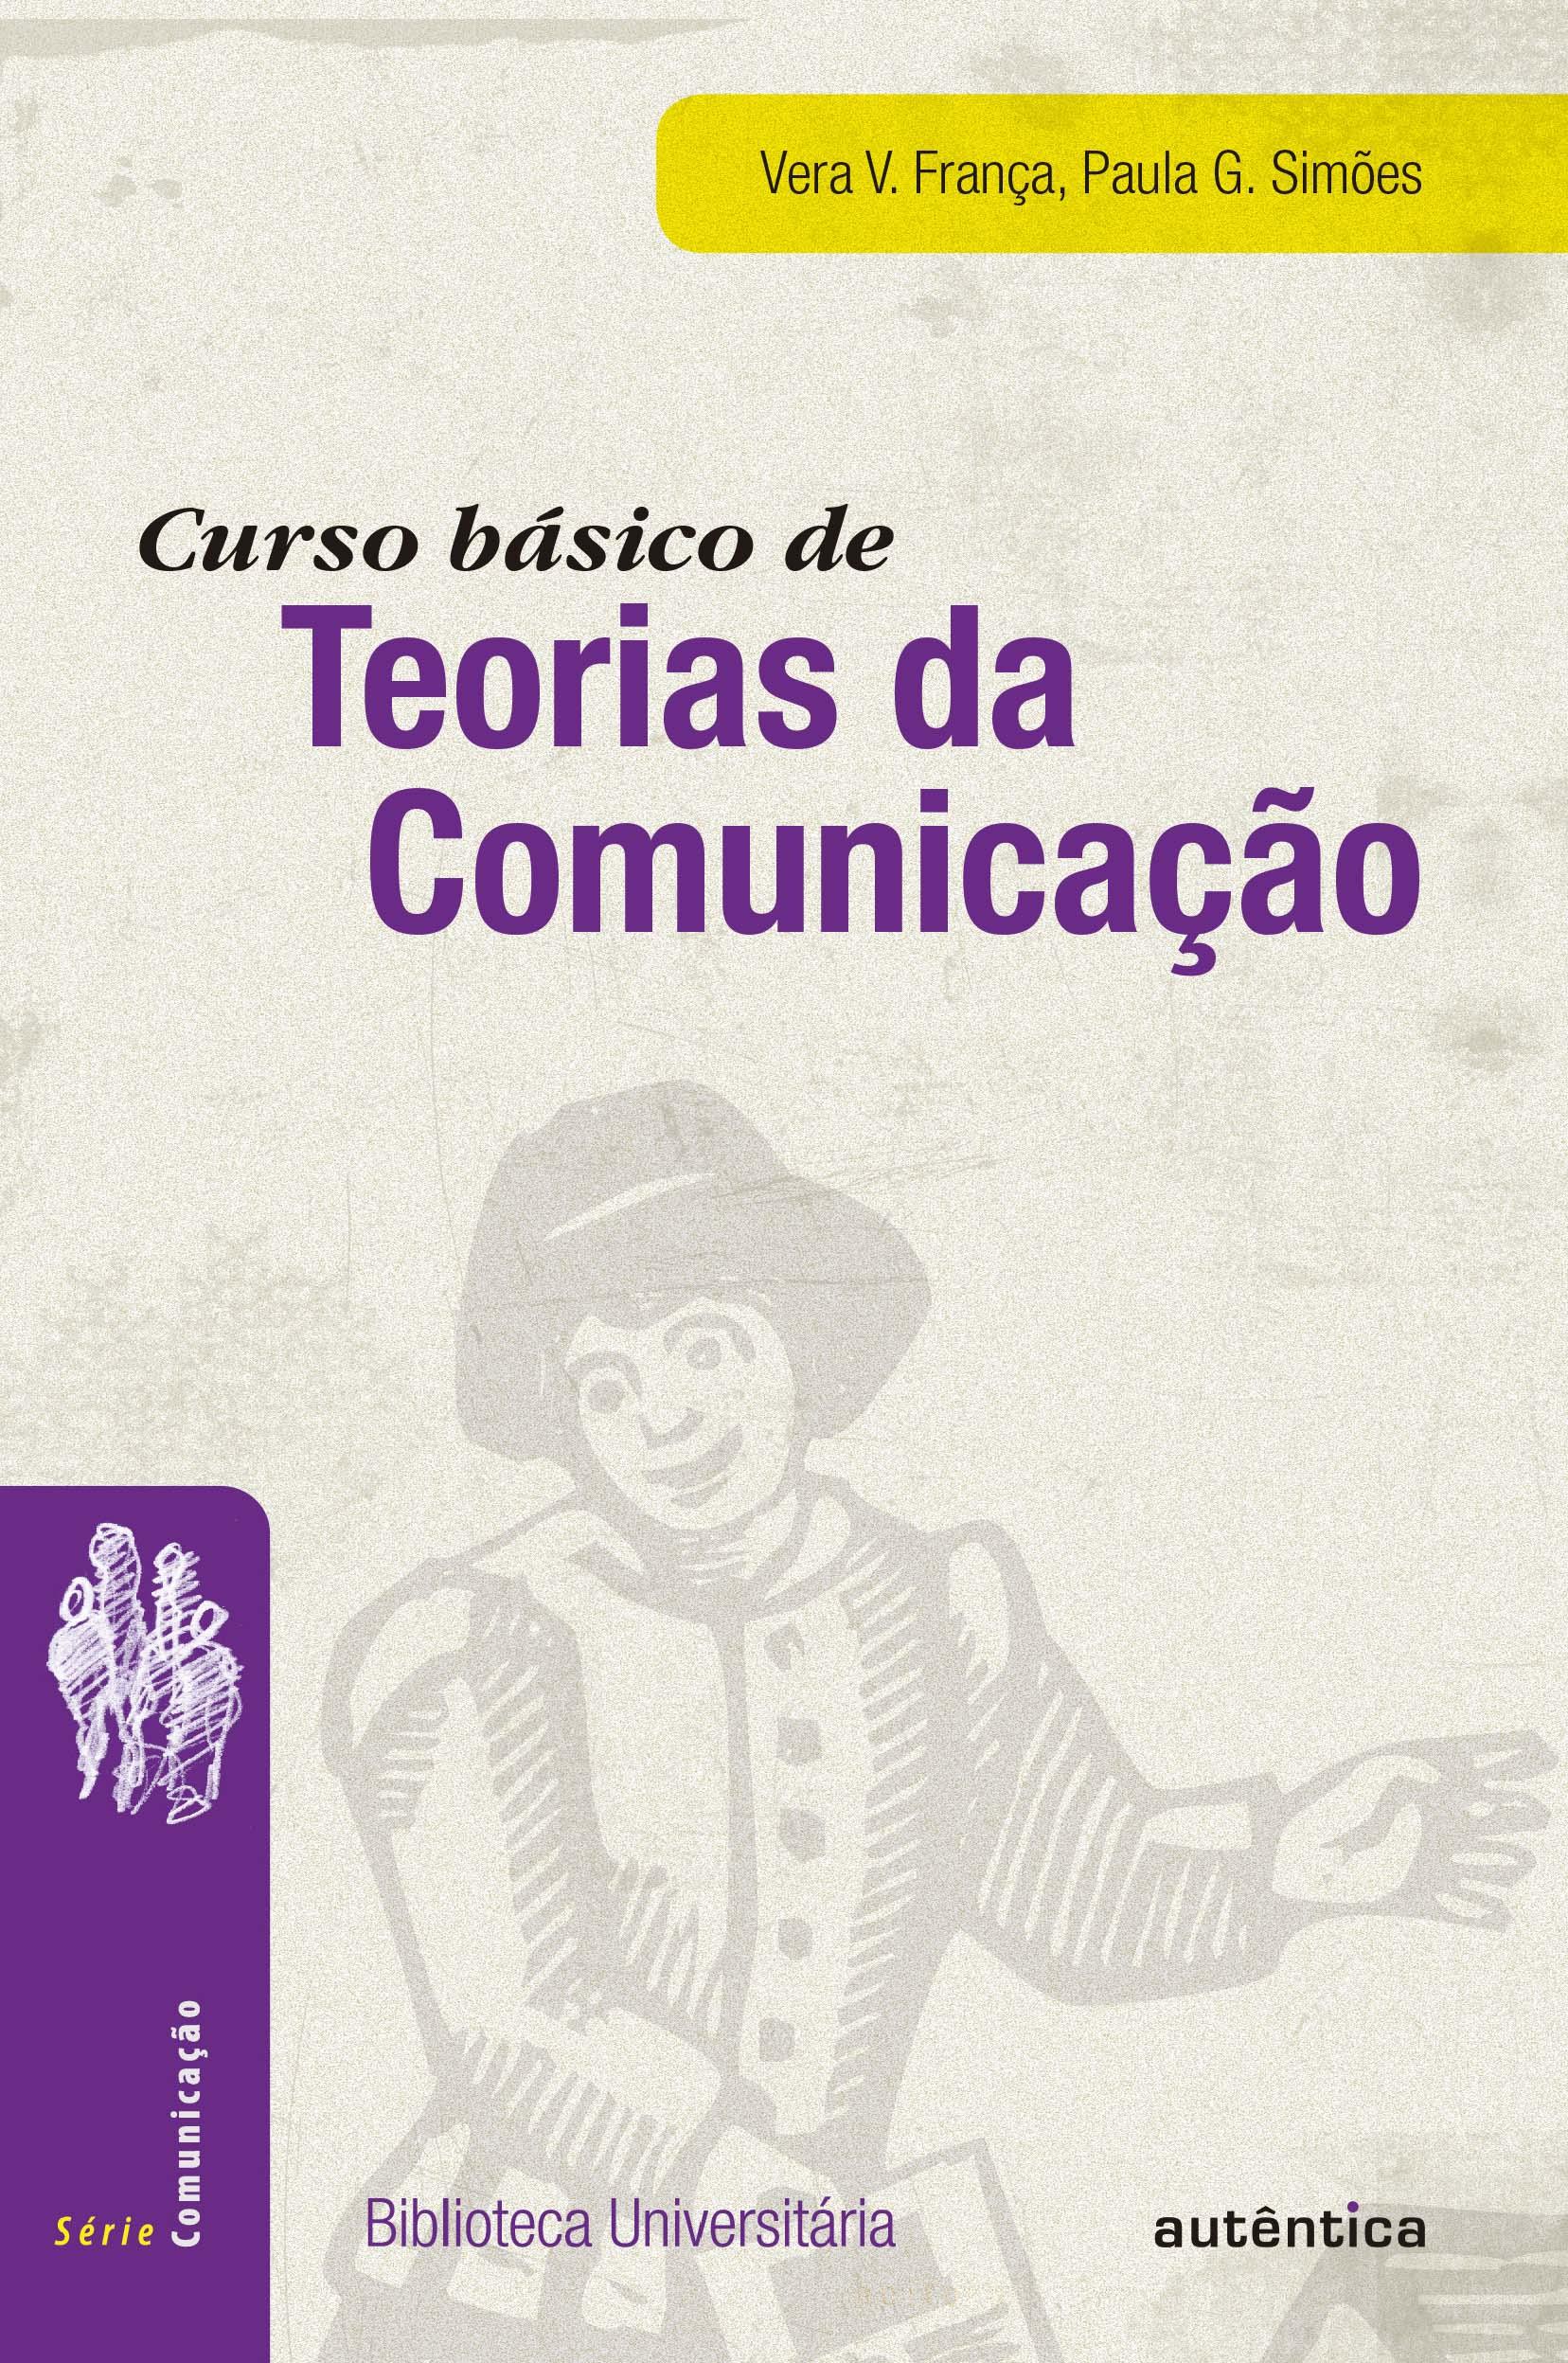 CURSO BASICO DE TEORIAS DA COMUNICACAO - SERIE COMUNICACAO - COL BIBLIOTECA UNIVERSITARIA